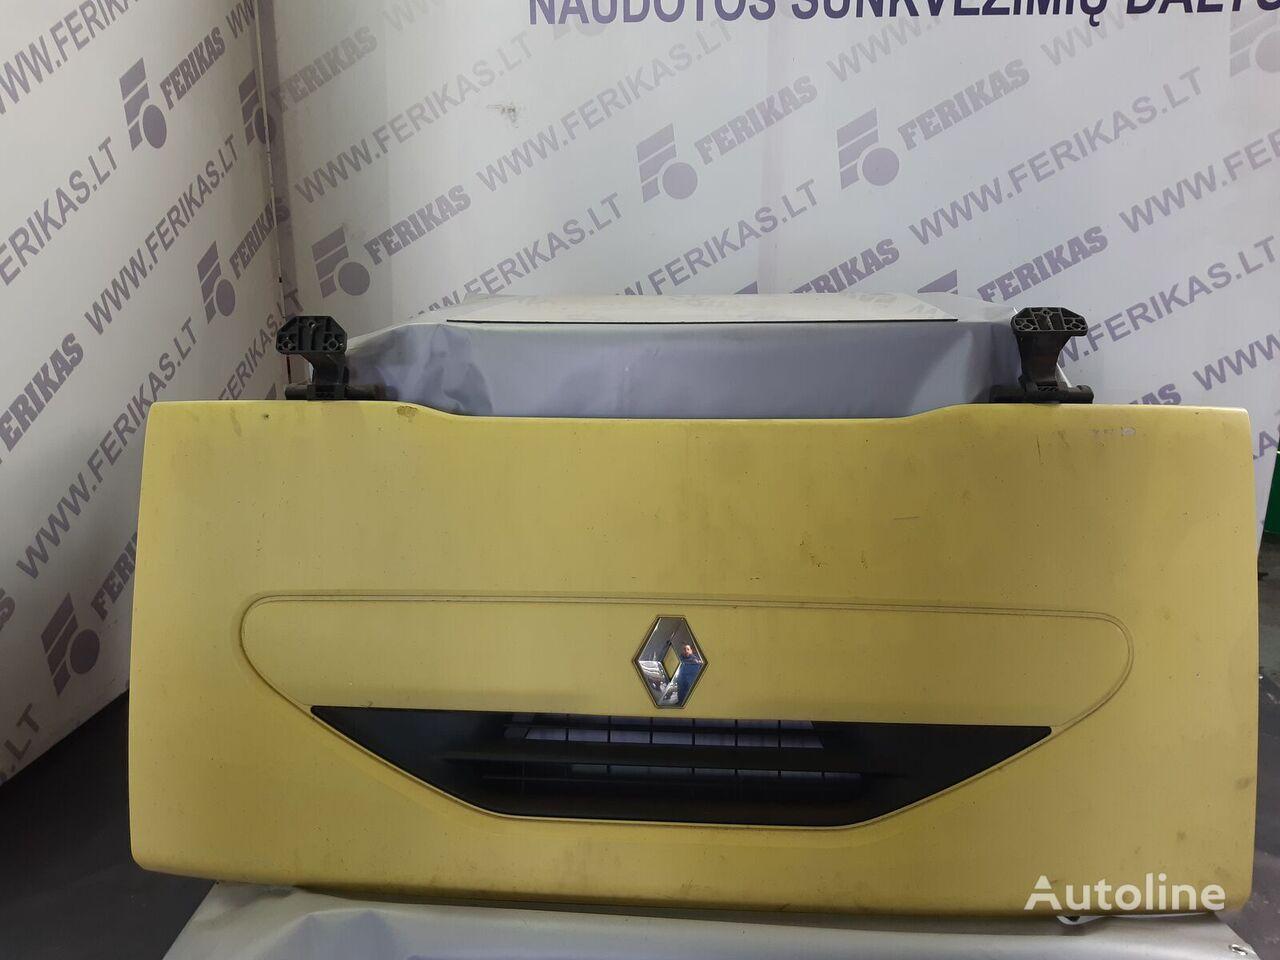 grelha do radiador RENAULT Midlum upper grill , bonnet , hood 5010301618 para camião tractor